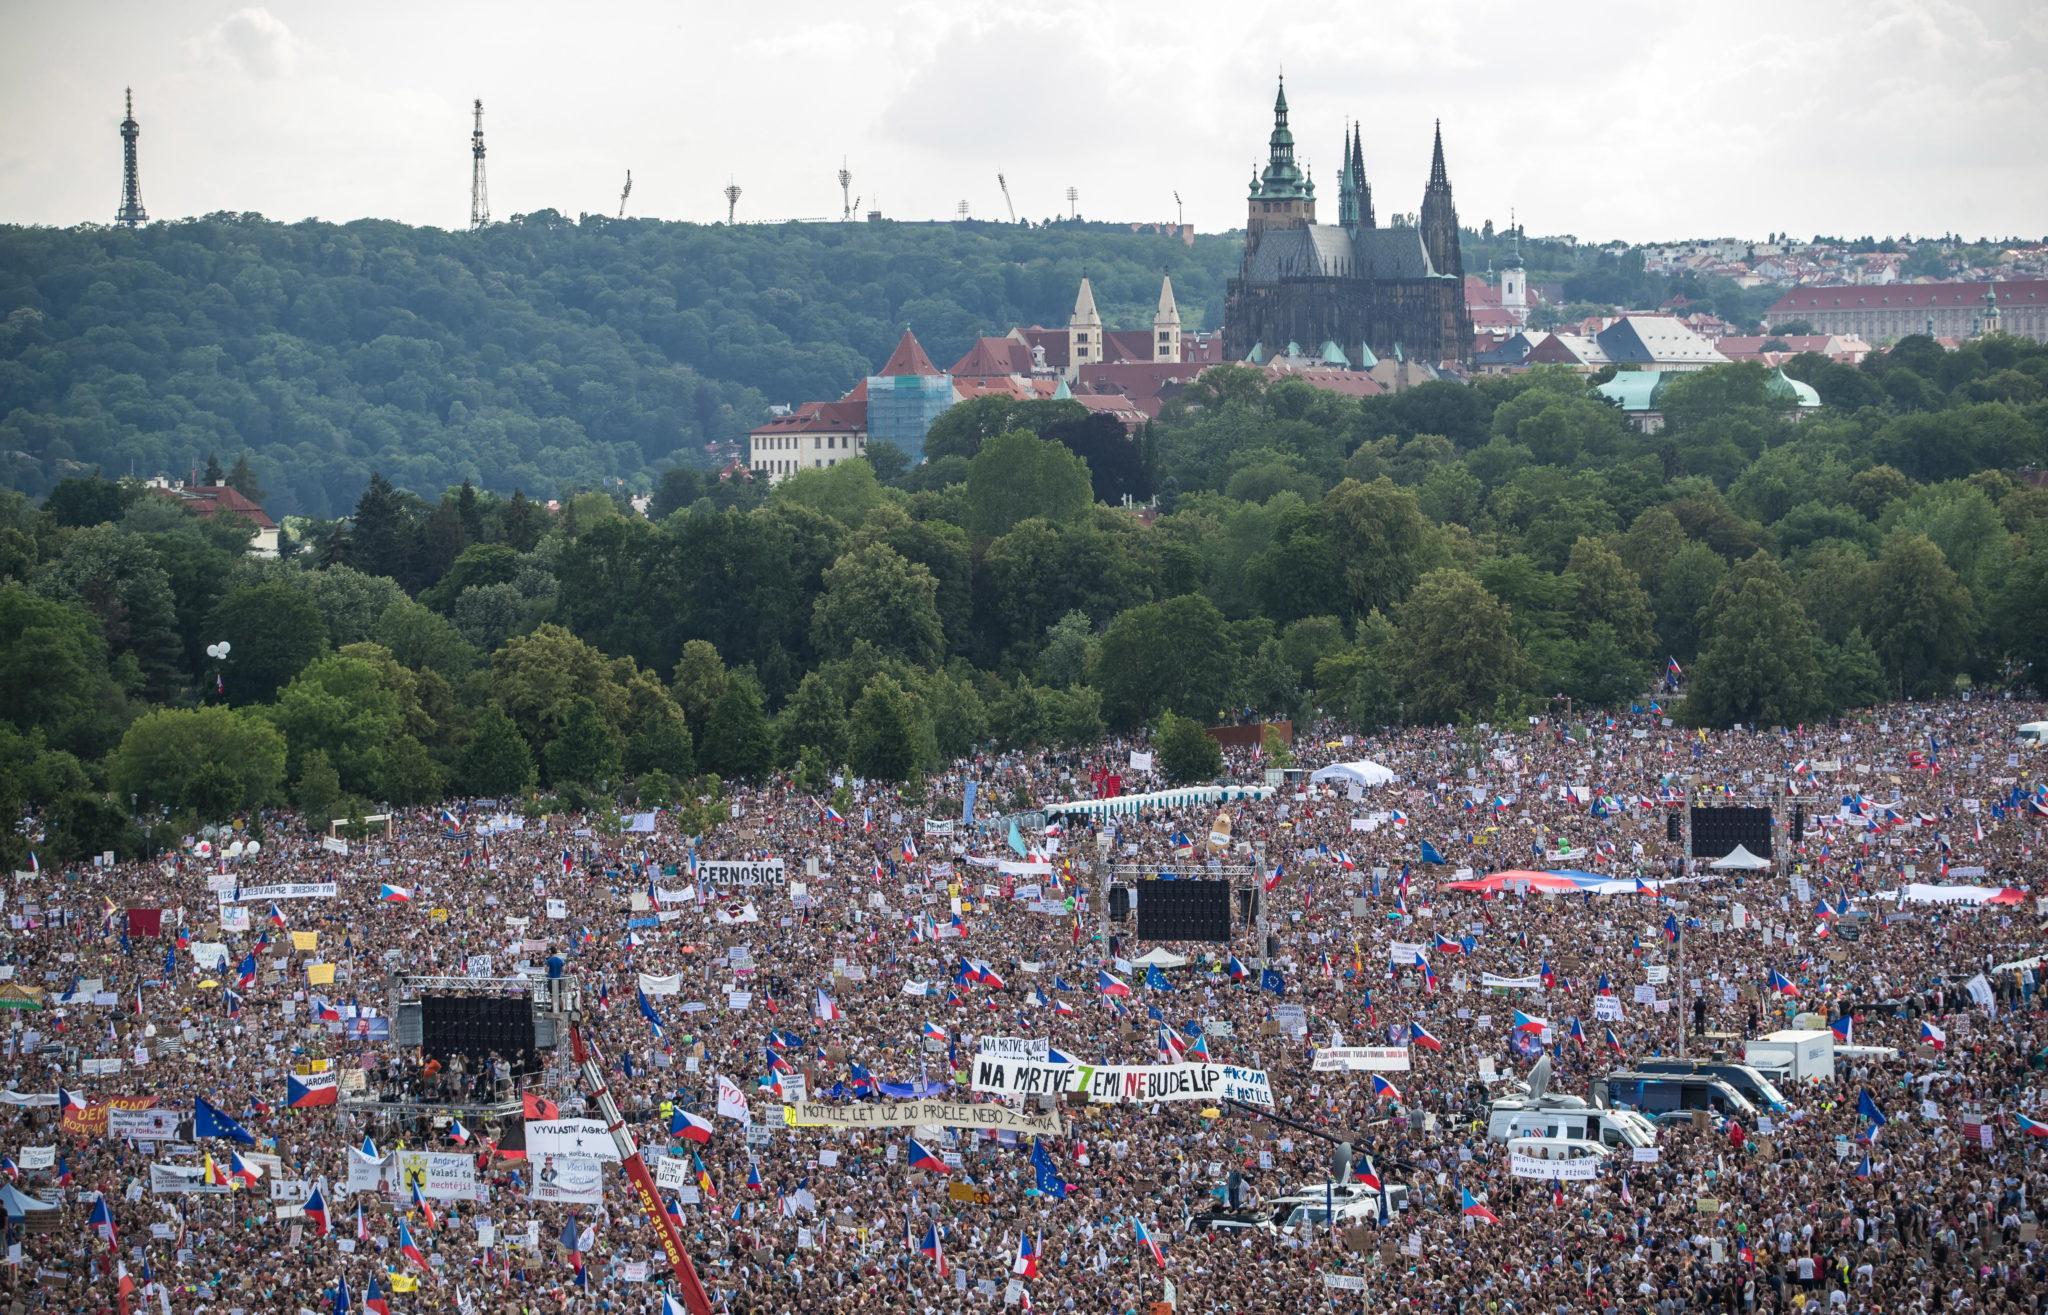 Demonstranci domagali się rezygnacji premiera Andreja Babisza. Szef rządu jest oskarżany o wyłudzanie unijnych dotacji i wykorzystywanie władzy do pomnażania własnego majątku, fot. MARTIN DIVISEK, PAP/EPA.